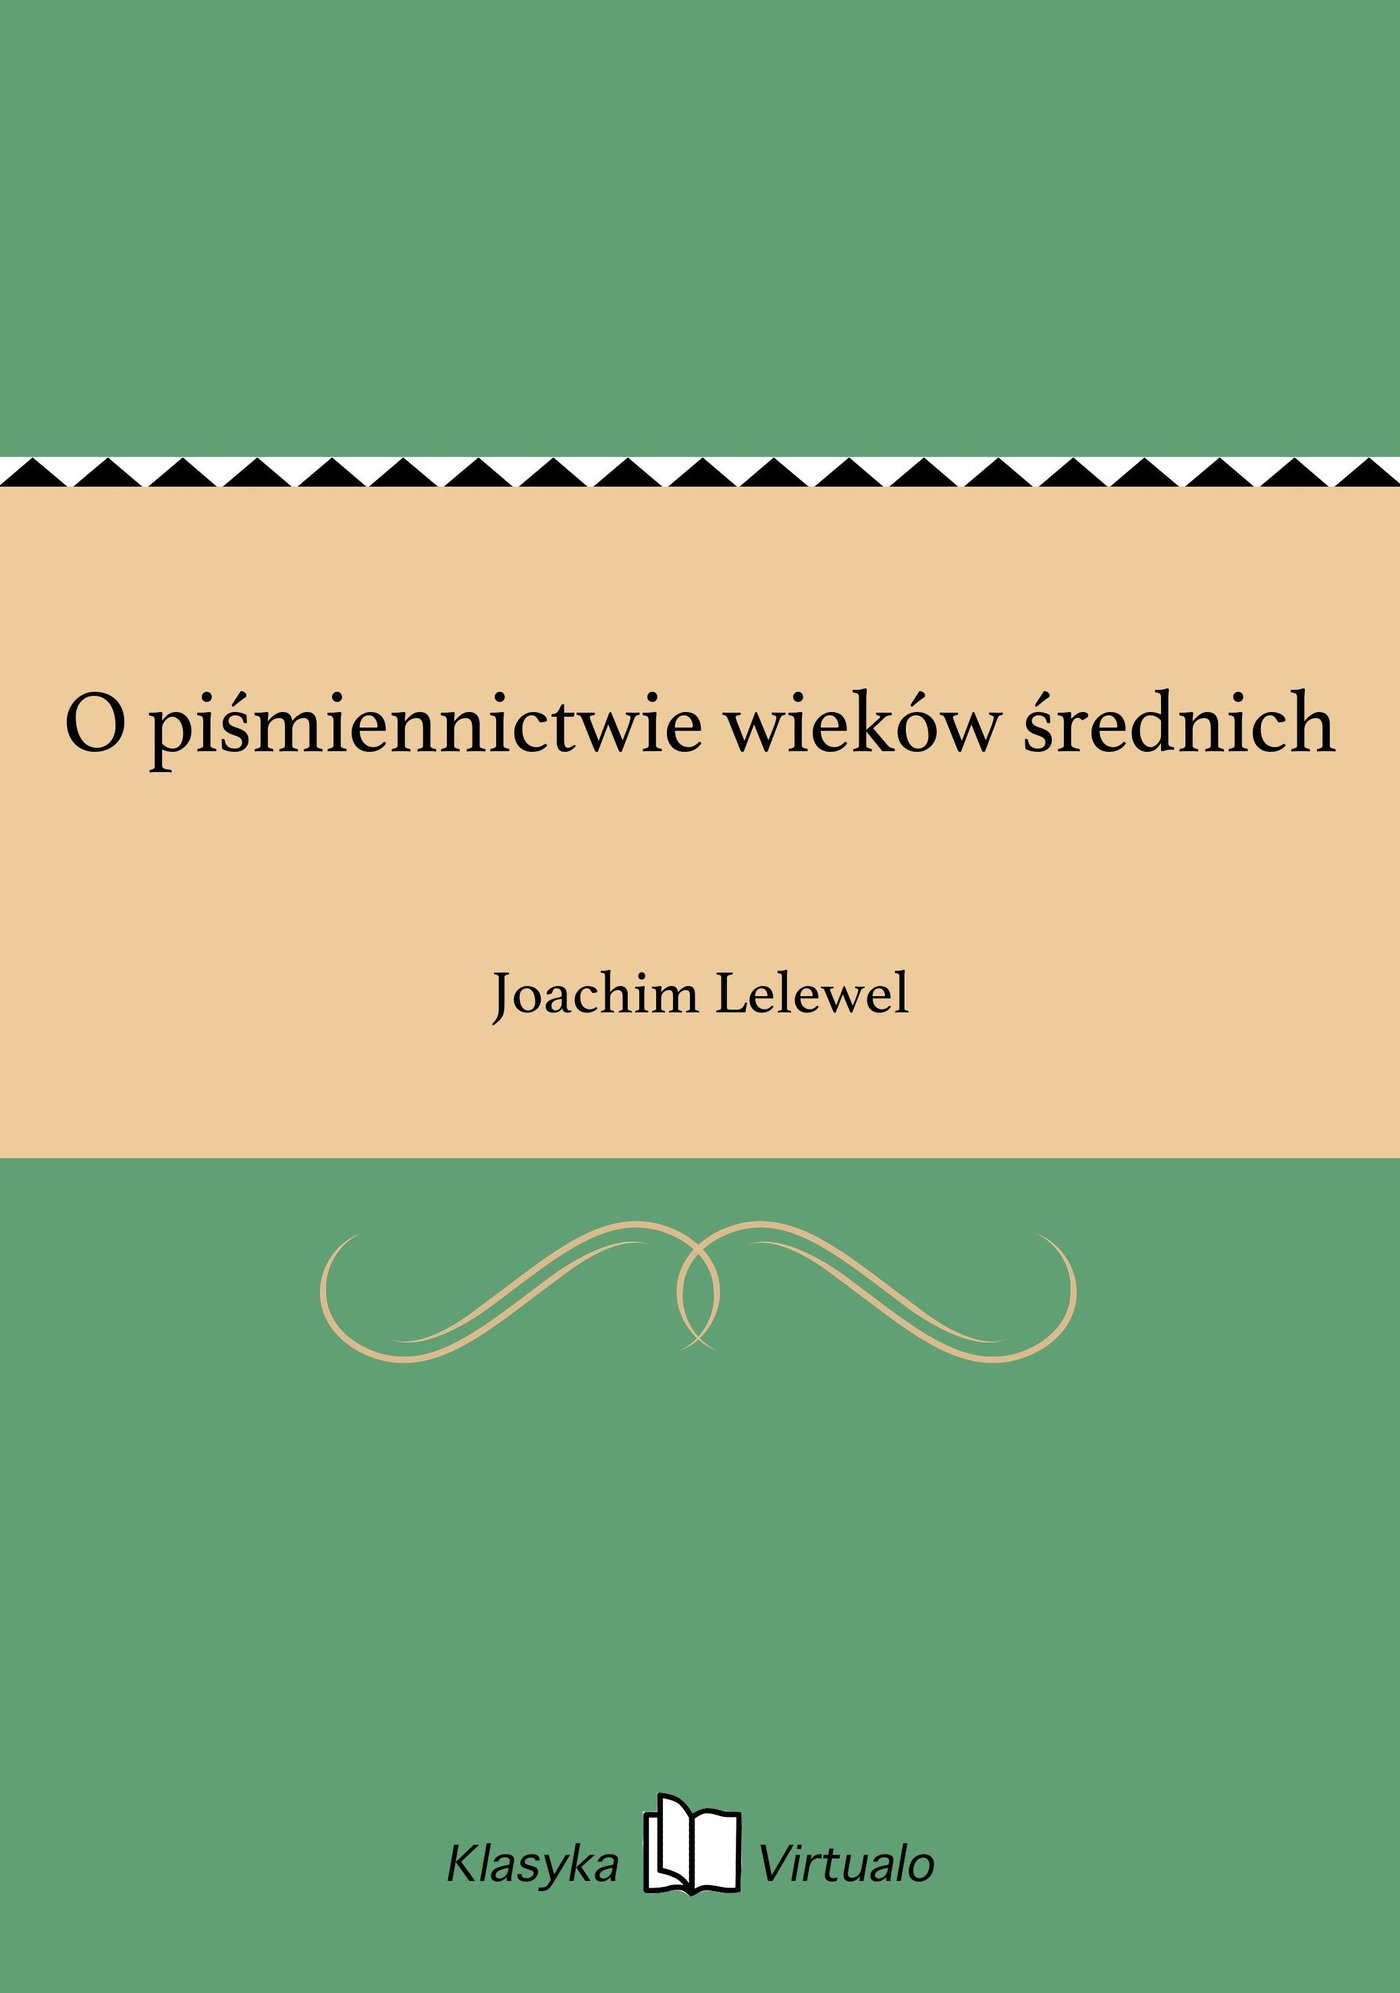 O piśmiennictwie wieków średnich - Ebook (Książka na Kindle) do pobrania w formacie MOBI